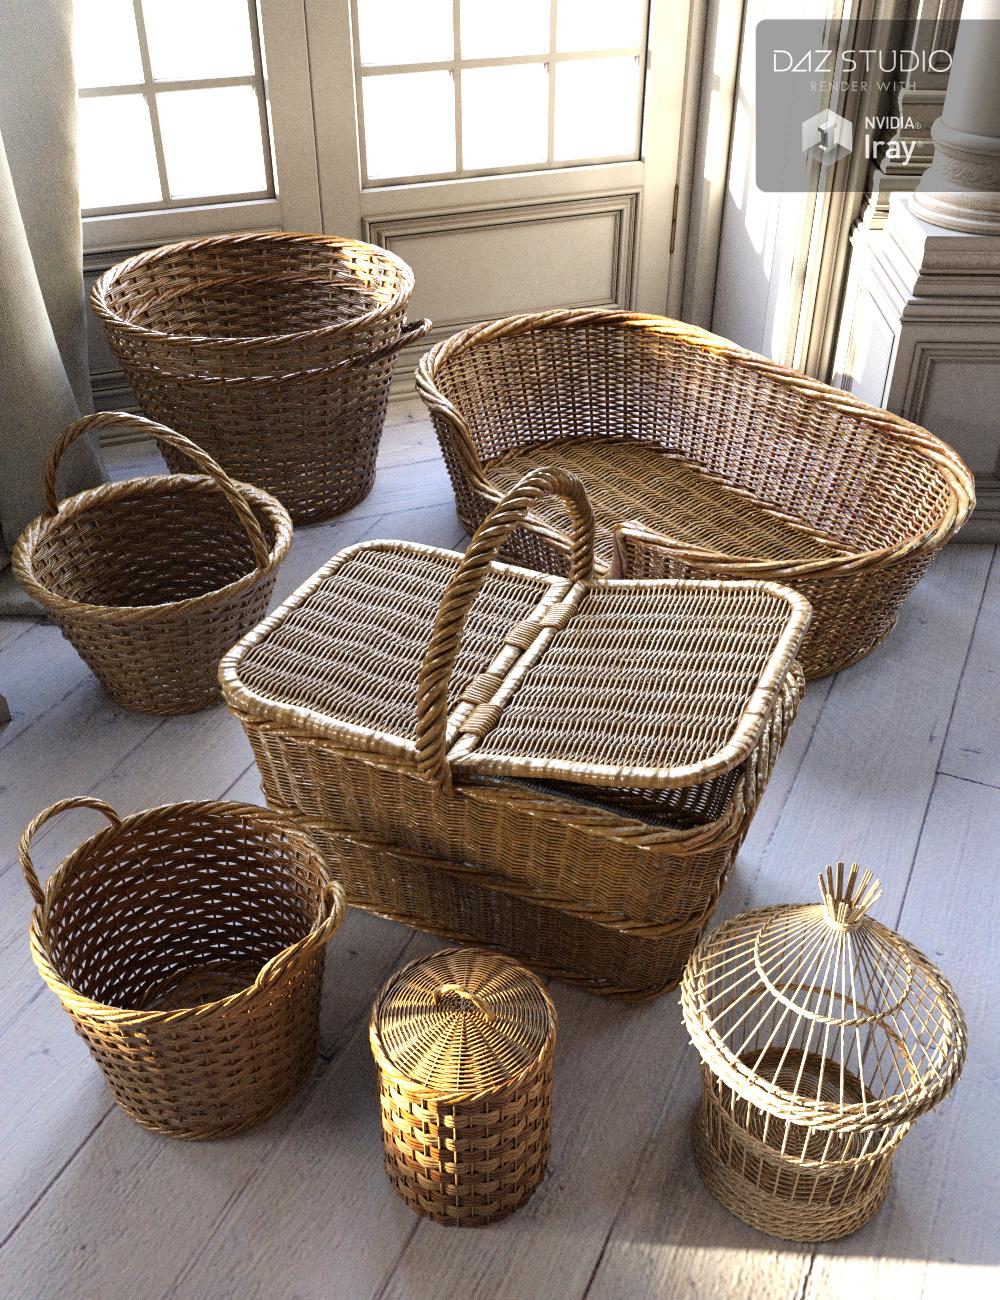 Basketry by: Merlin Studios, 3D Models by Daz 3D